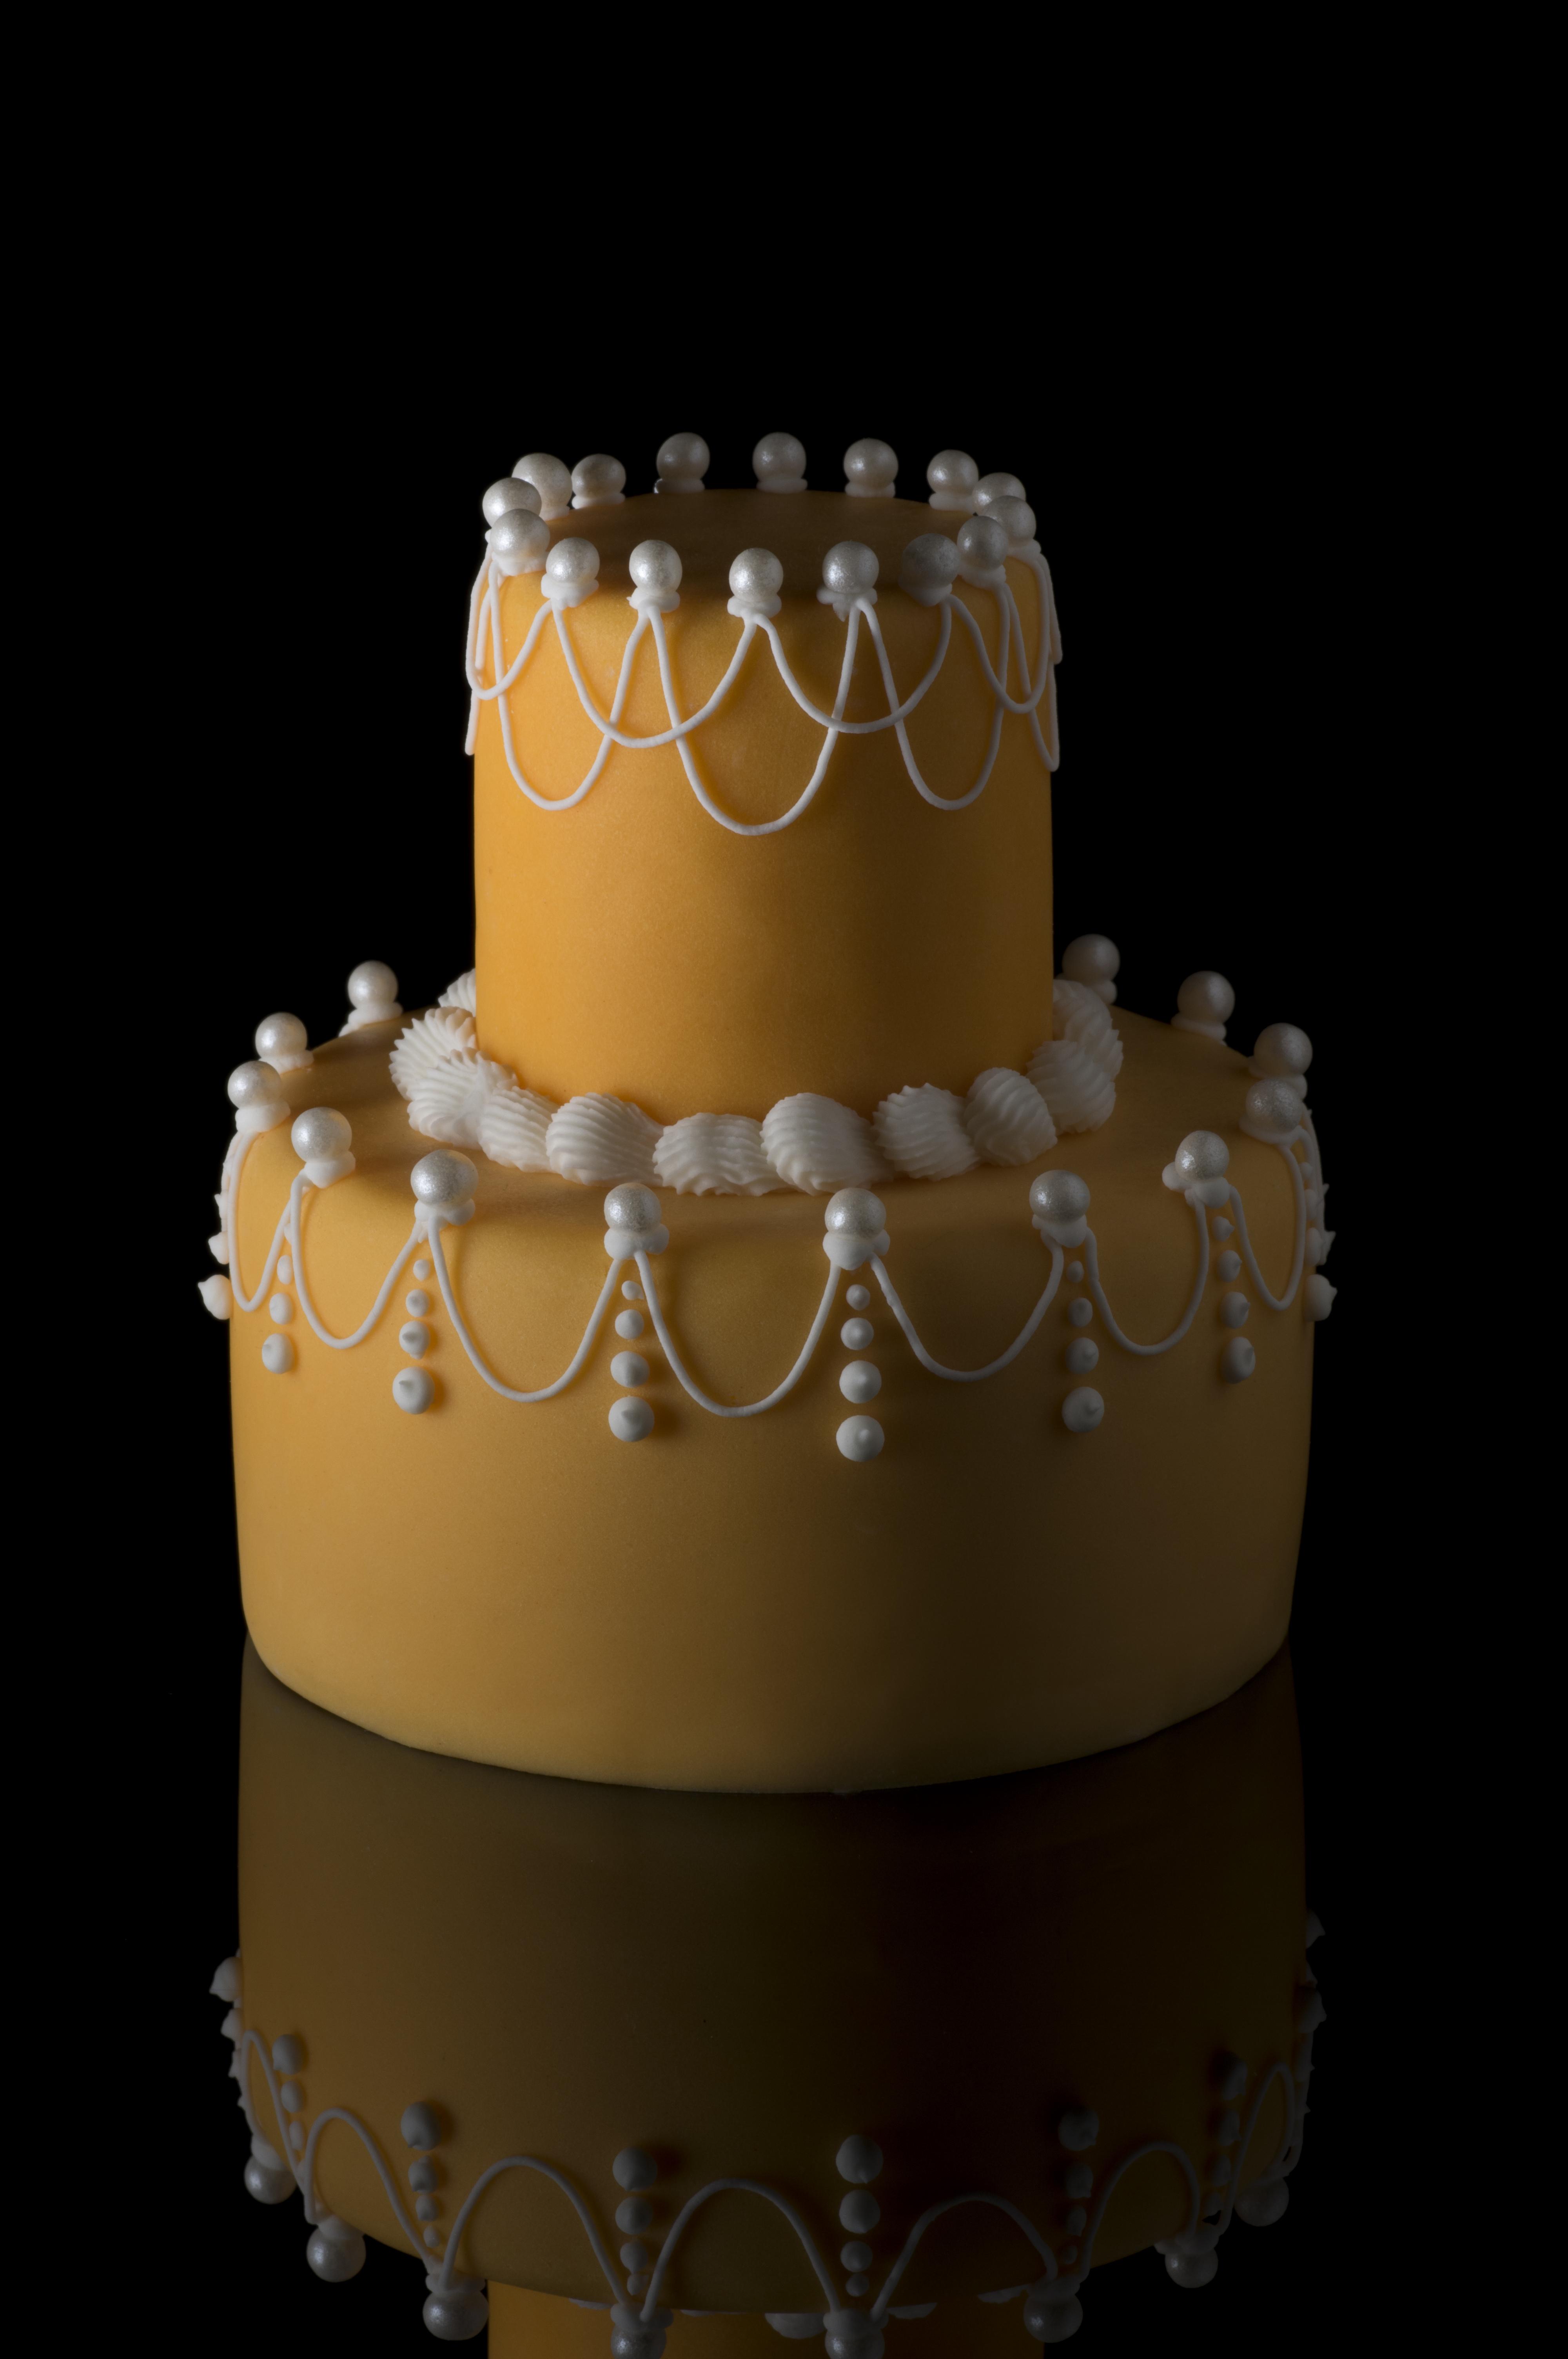 Idee Per Decorare Una Torta armocromia: come decorare la torta con i colori giusti  cove